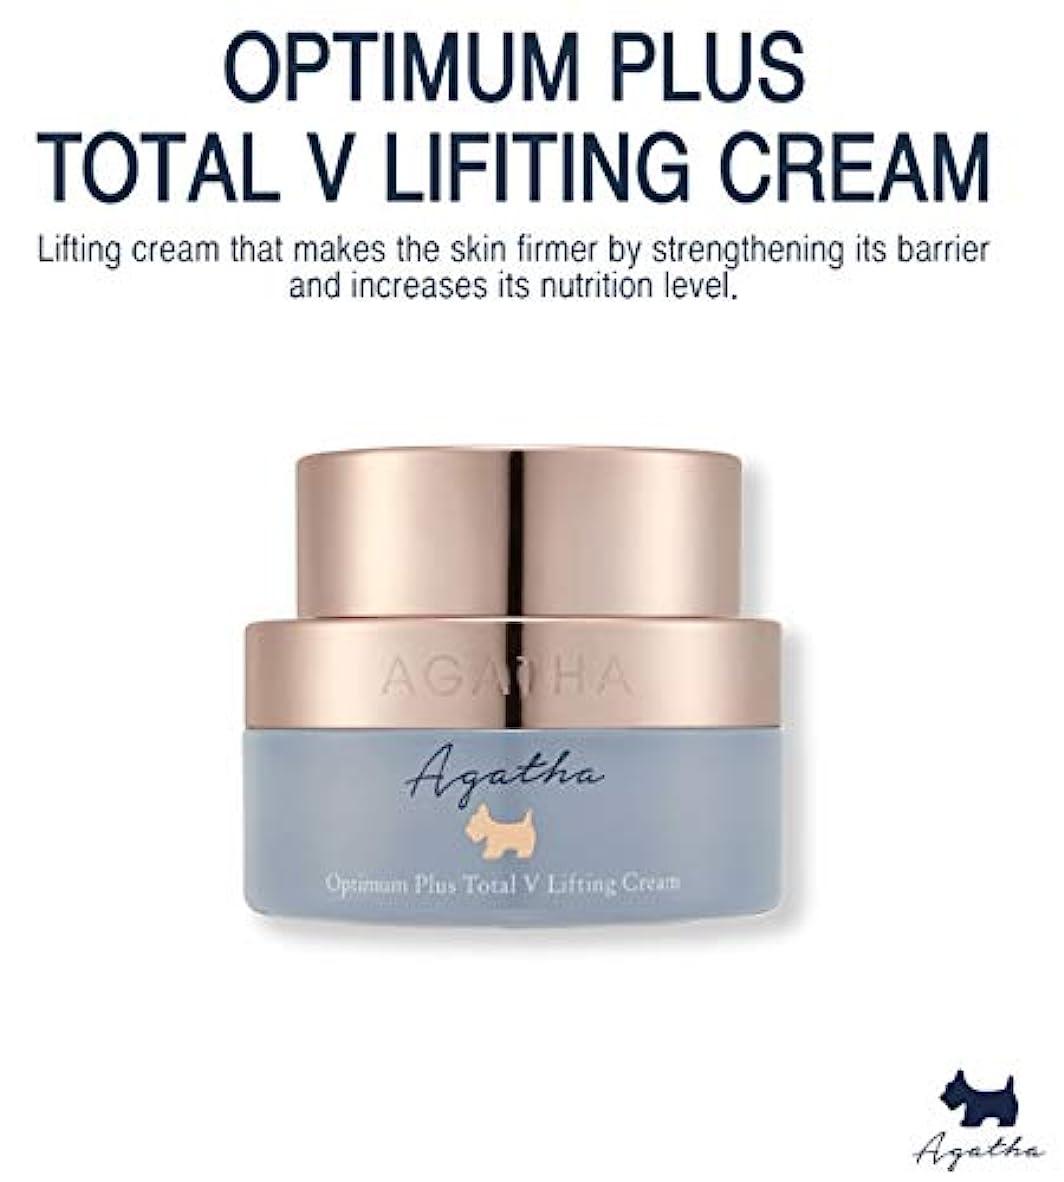 エジプト氏偏心アガタ オプチマムプラス トータルVリフティングクリーム Optimum Plus Total V Lifting Cream 50ml [並行輸入品]